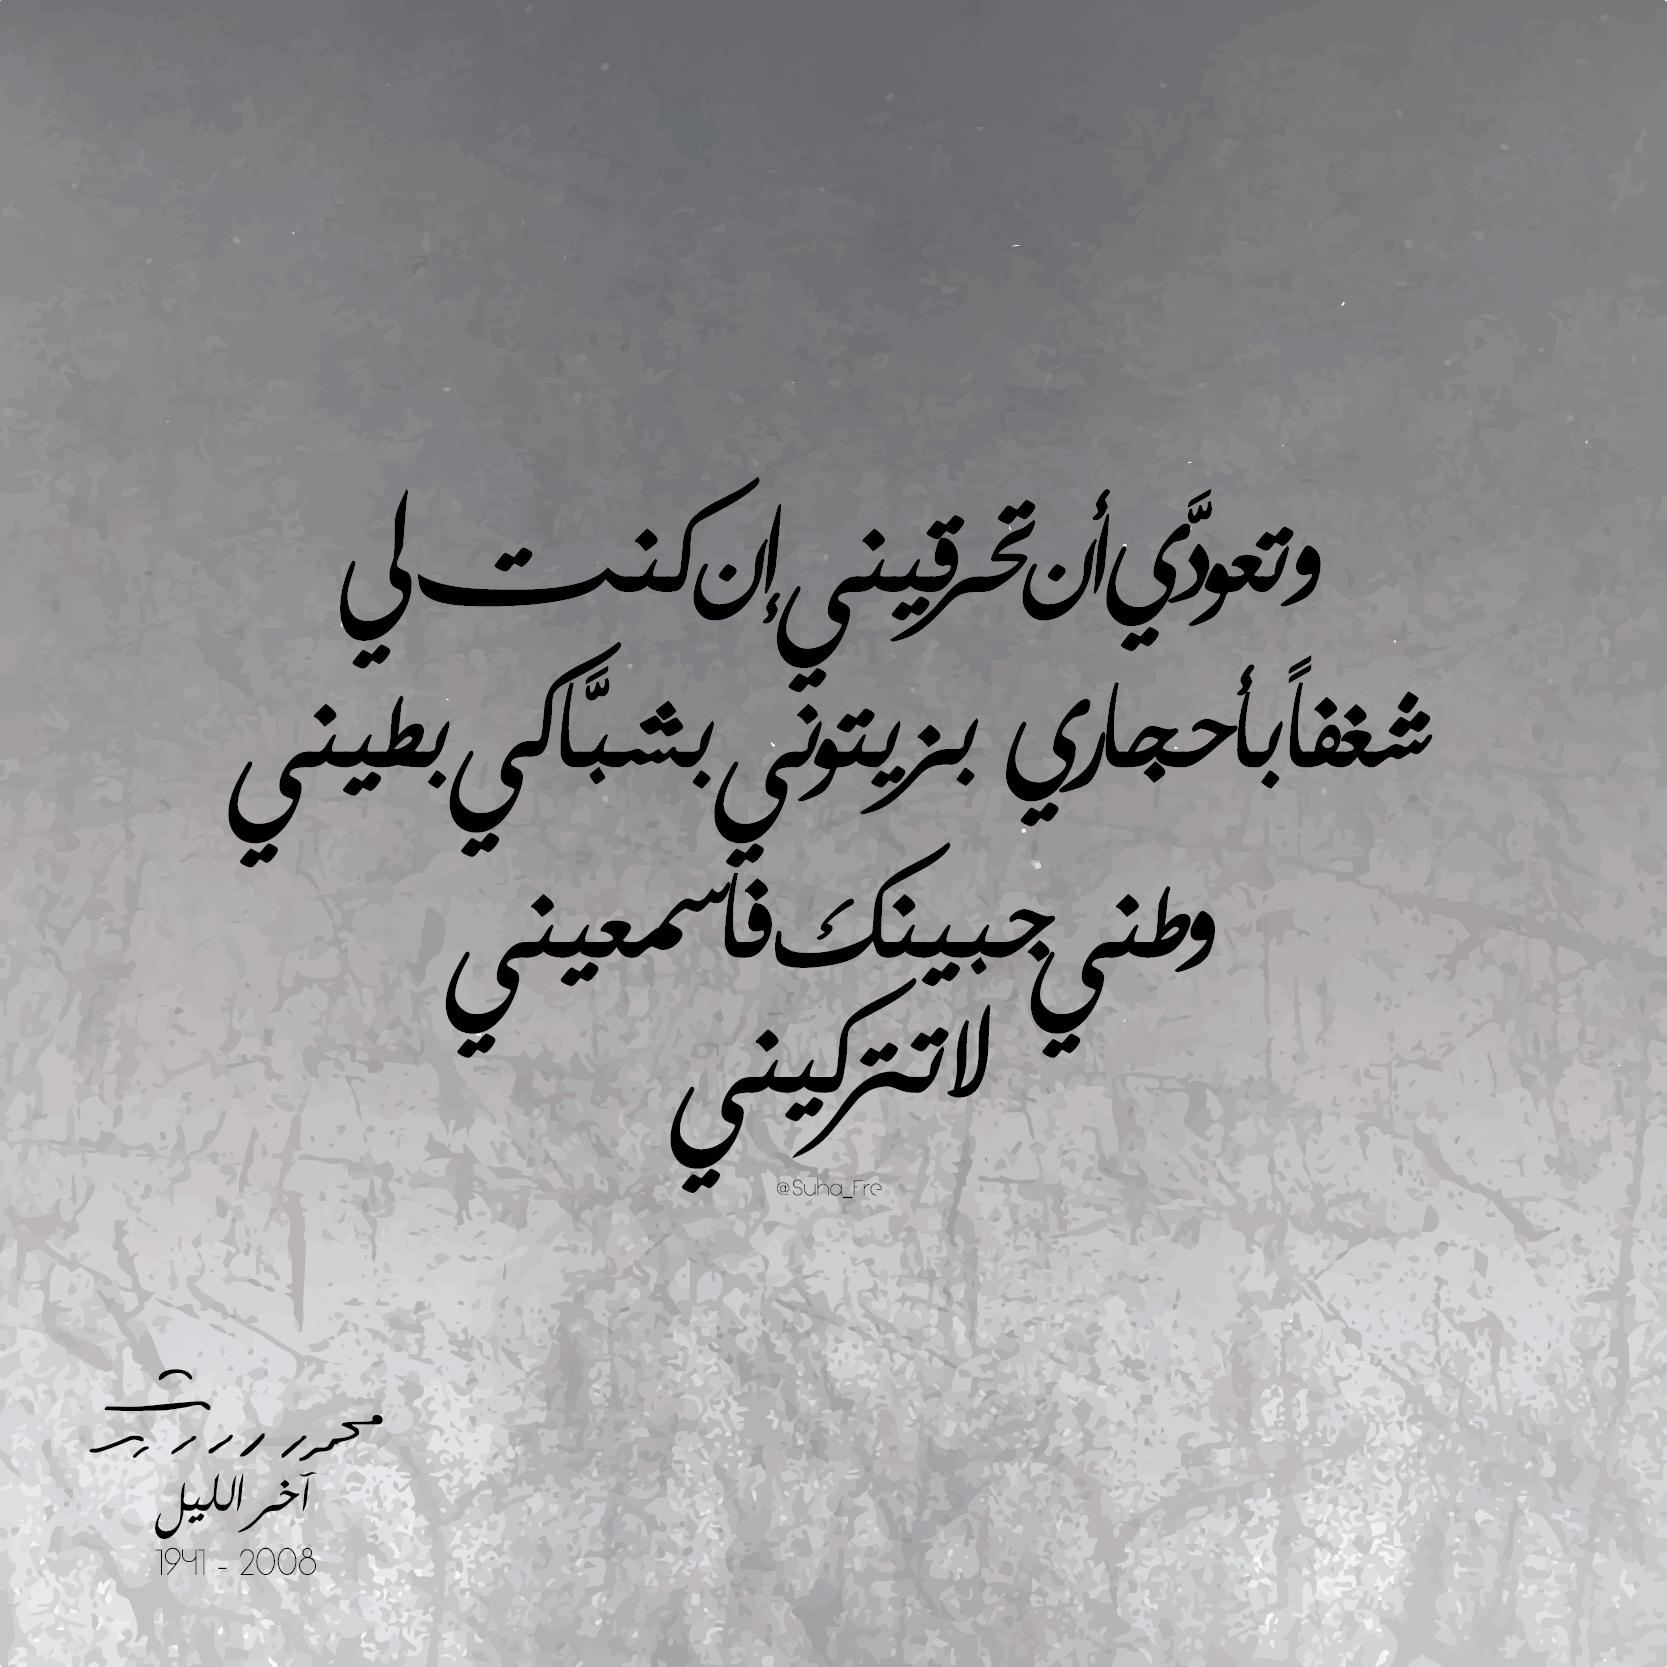 ديوان آخر الليل محمود درويش Arabic Calligraphy Calligraphy